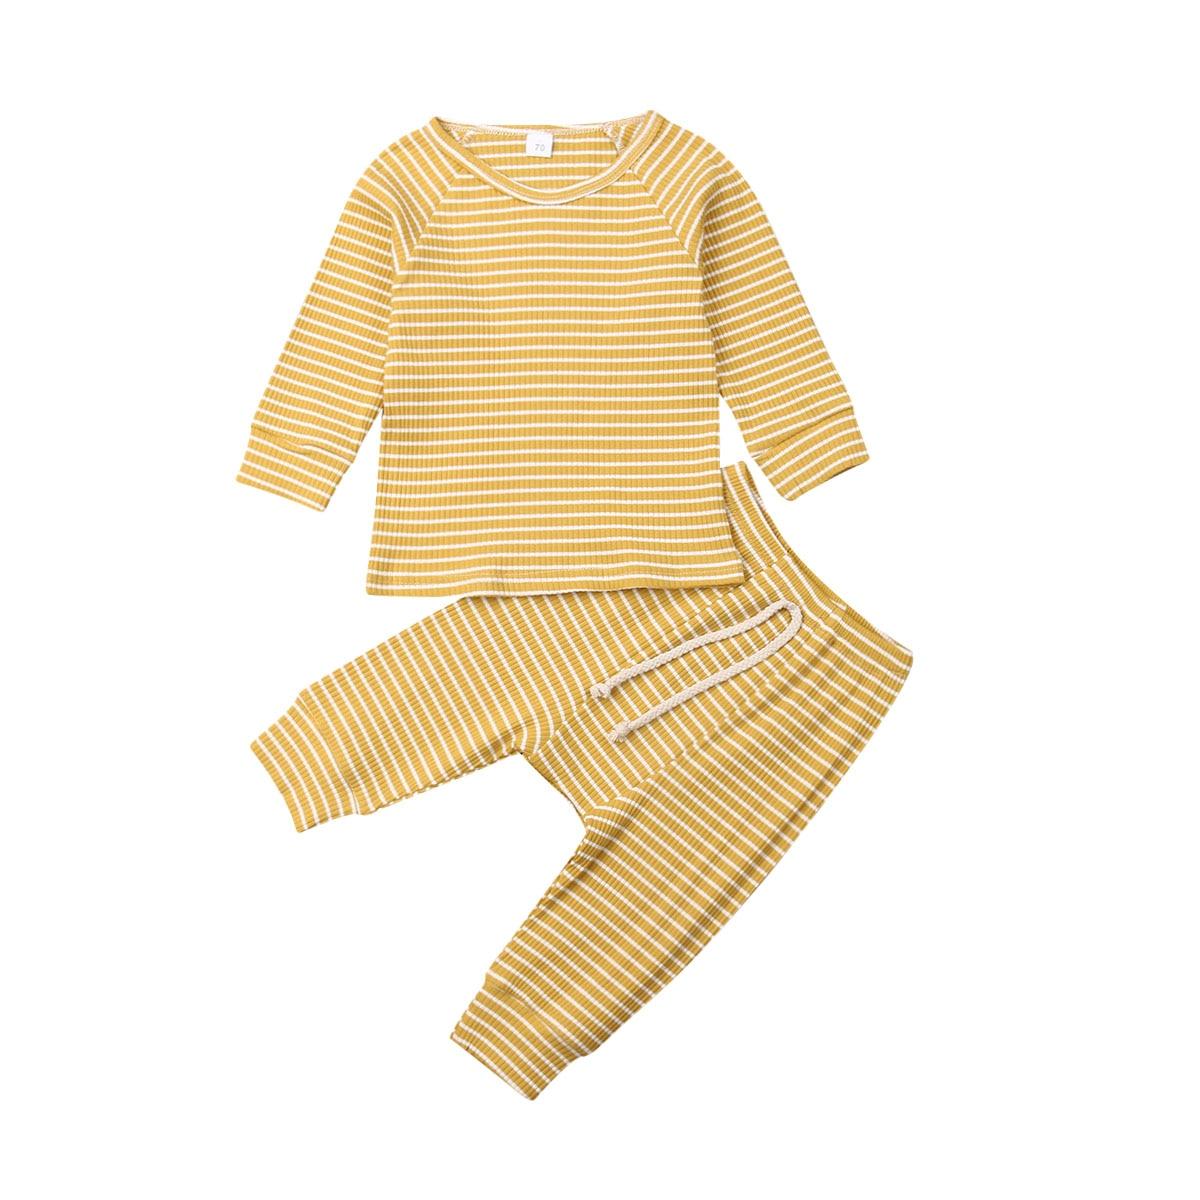 Трикотажная хлопковая одежда для новорожденных девочек и мальчиков полосатая футболка Топы, штаны, леггинсы комплект одежды из 2 предметов для малышей